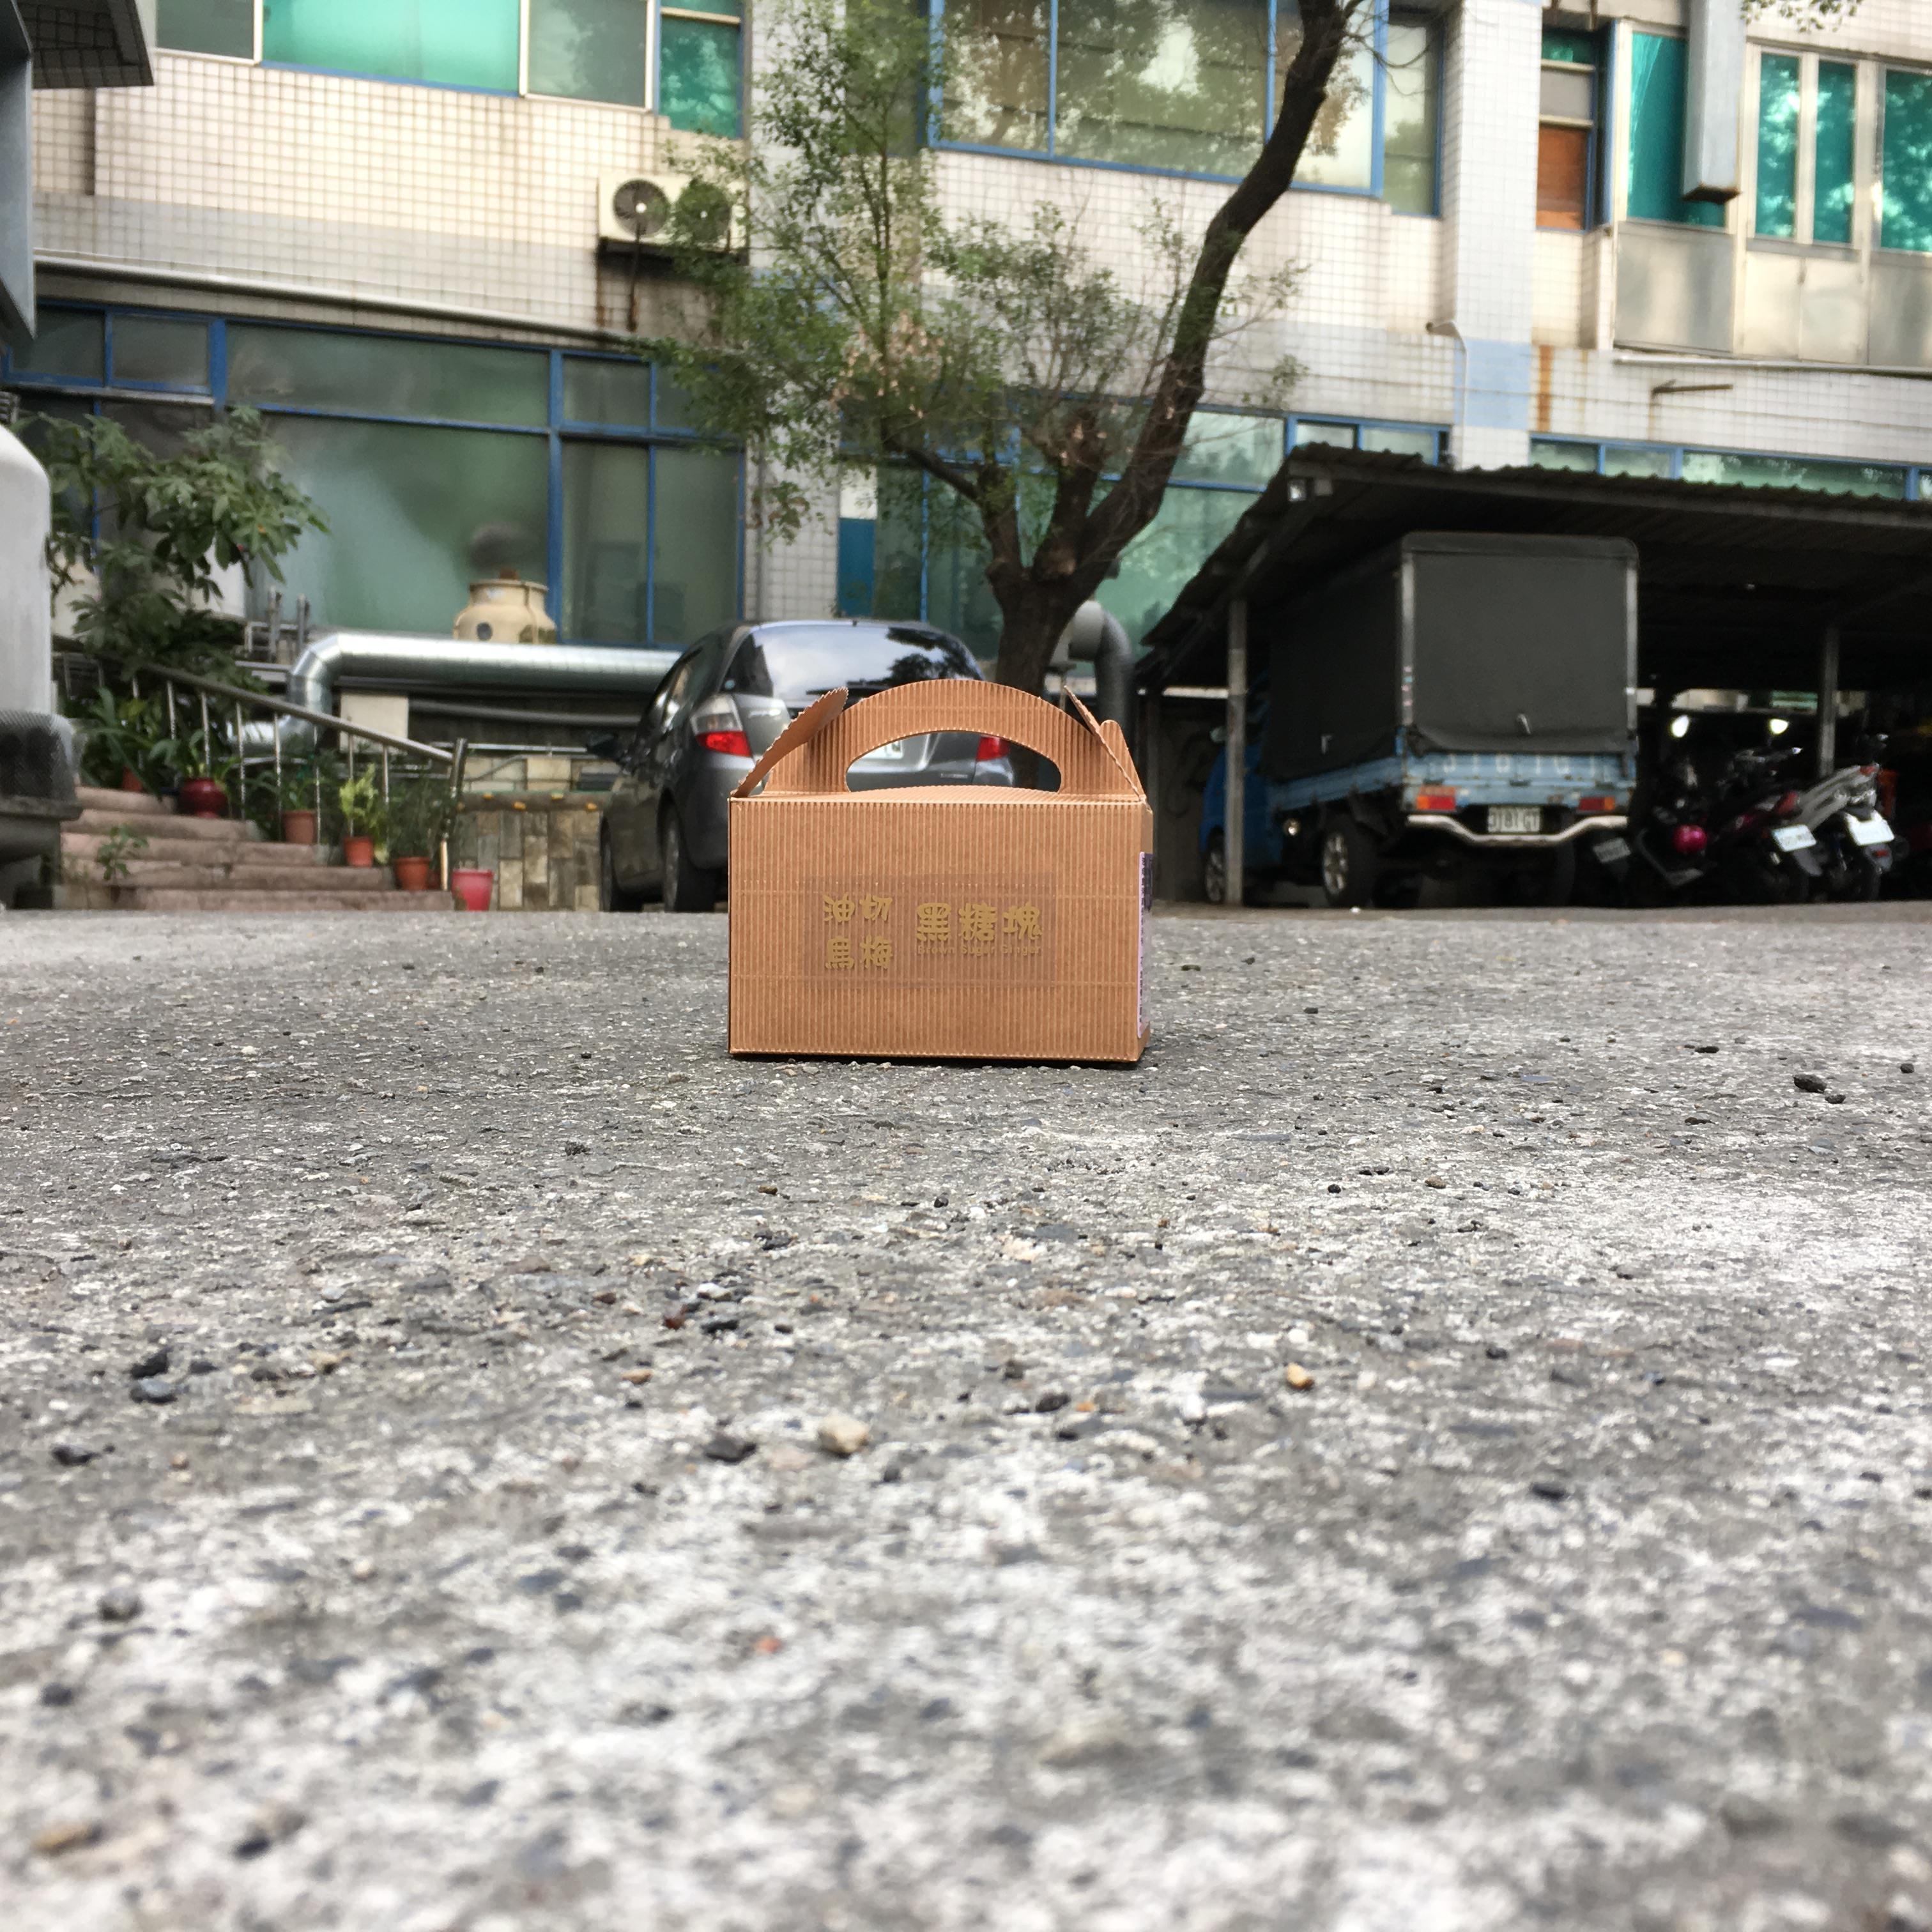 ★年節禮盒特賣【玫瑰黑櫻桃黑糖塊】10入/300g 黑糖茶磚/養生茶飲